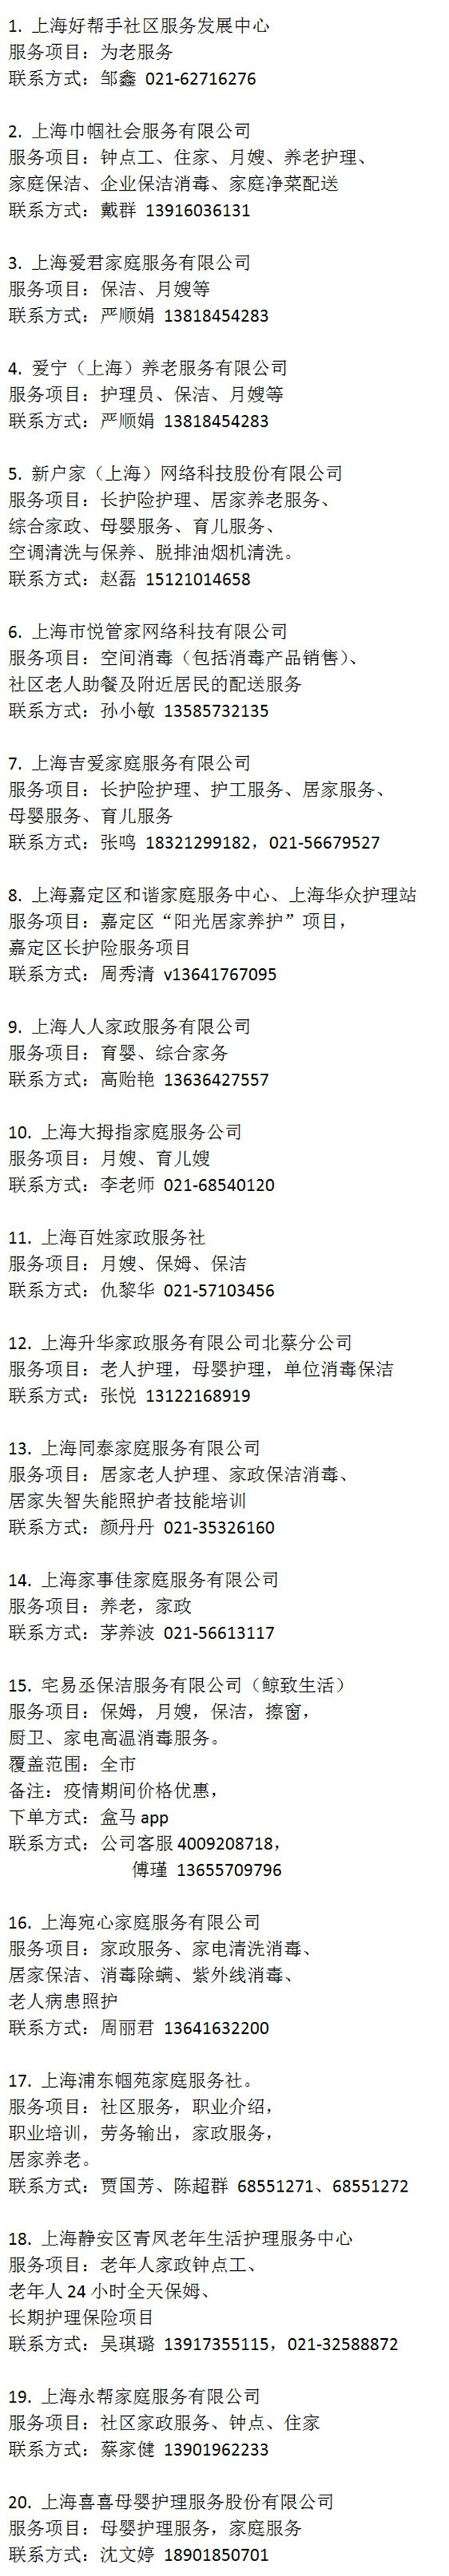 上海首批60家复工家政企业名单公布,复工要求四个100%图片